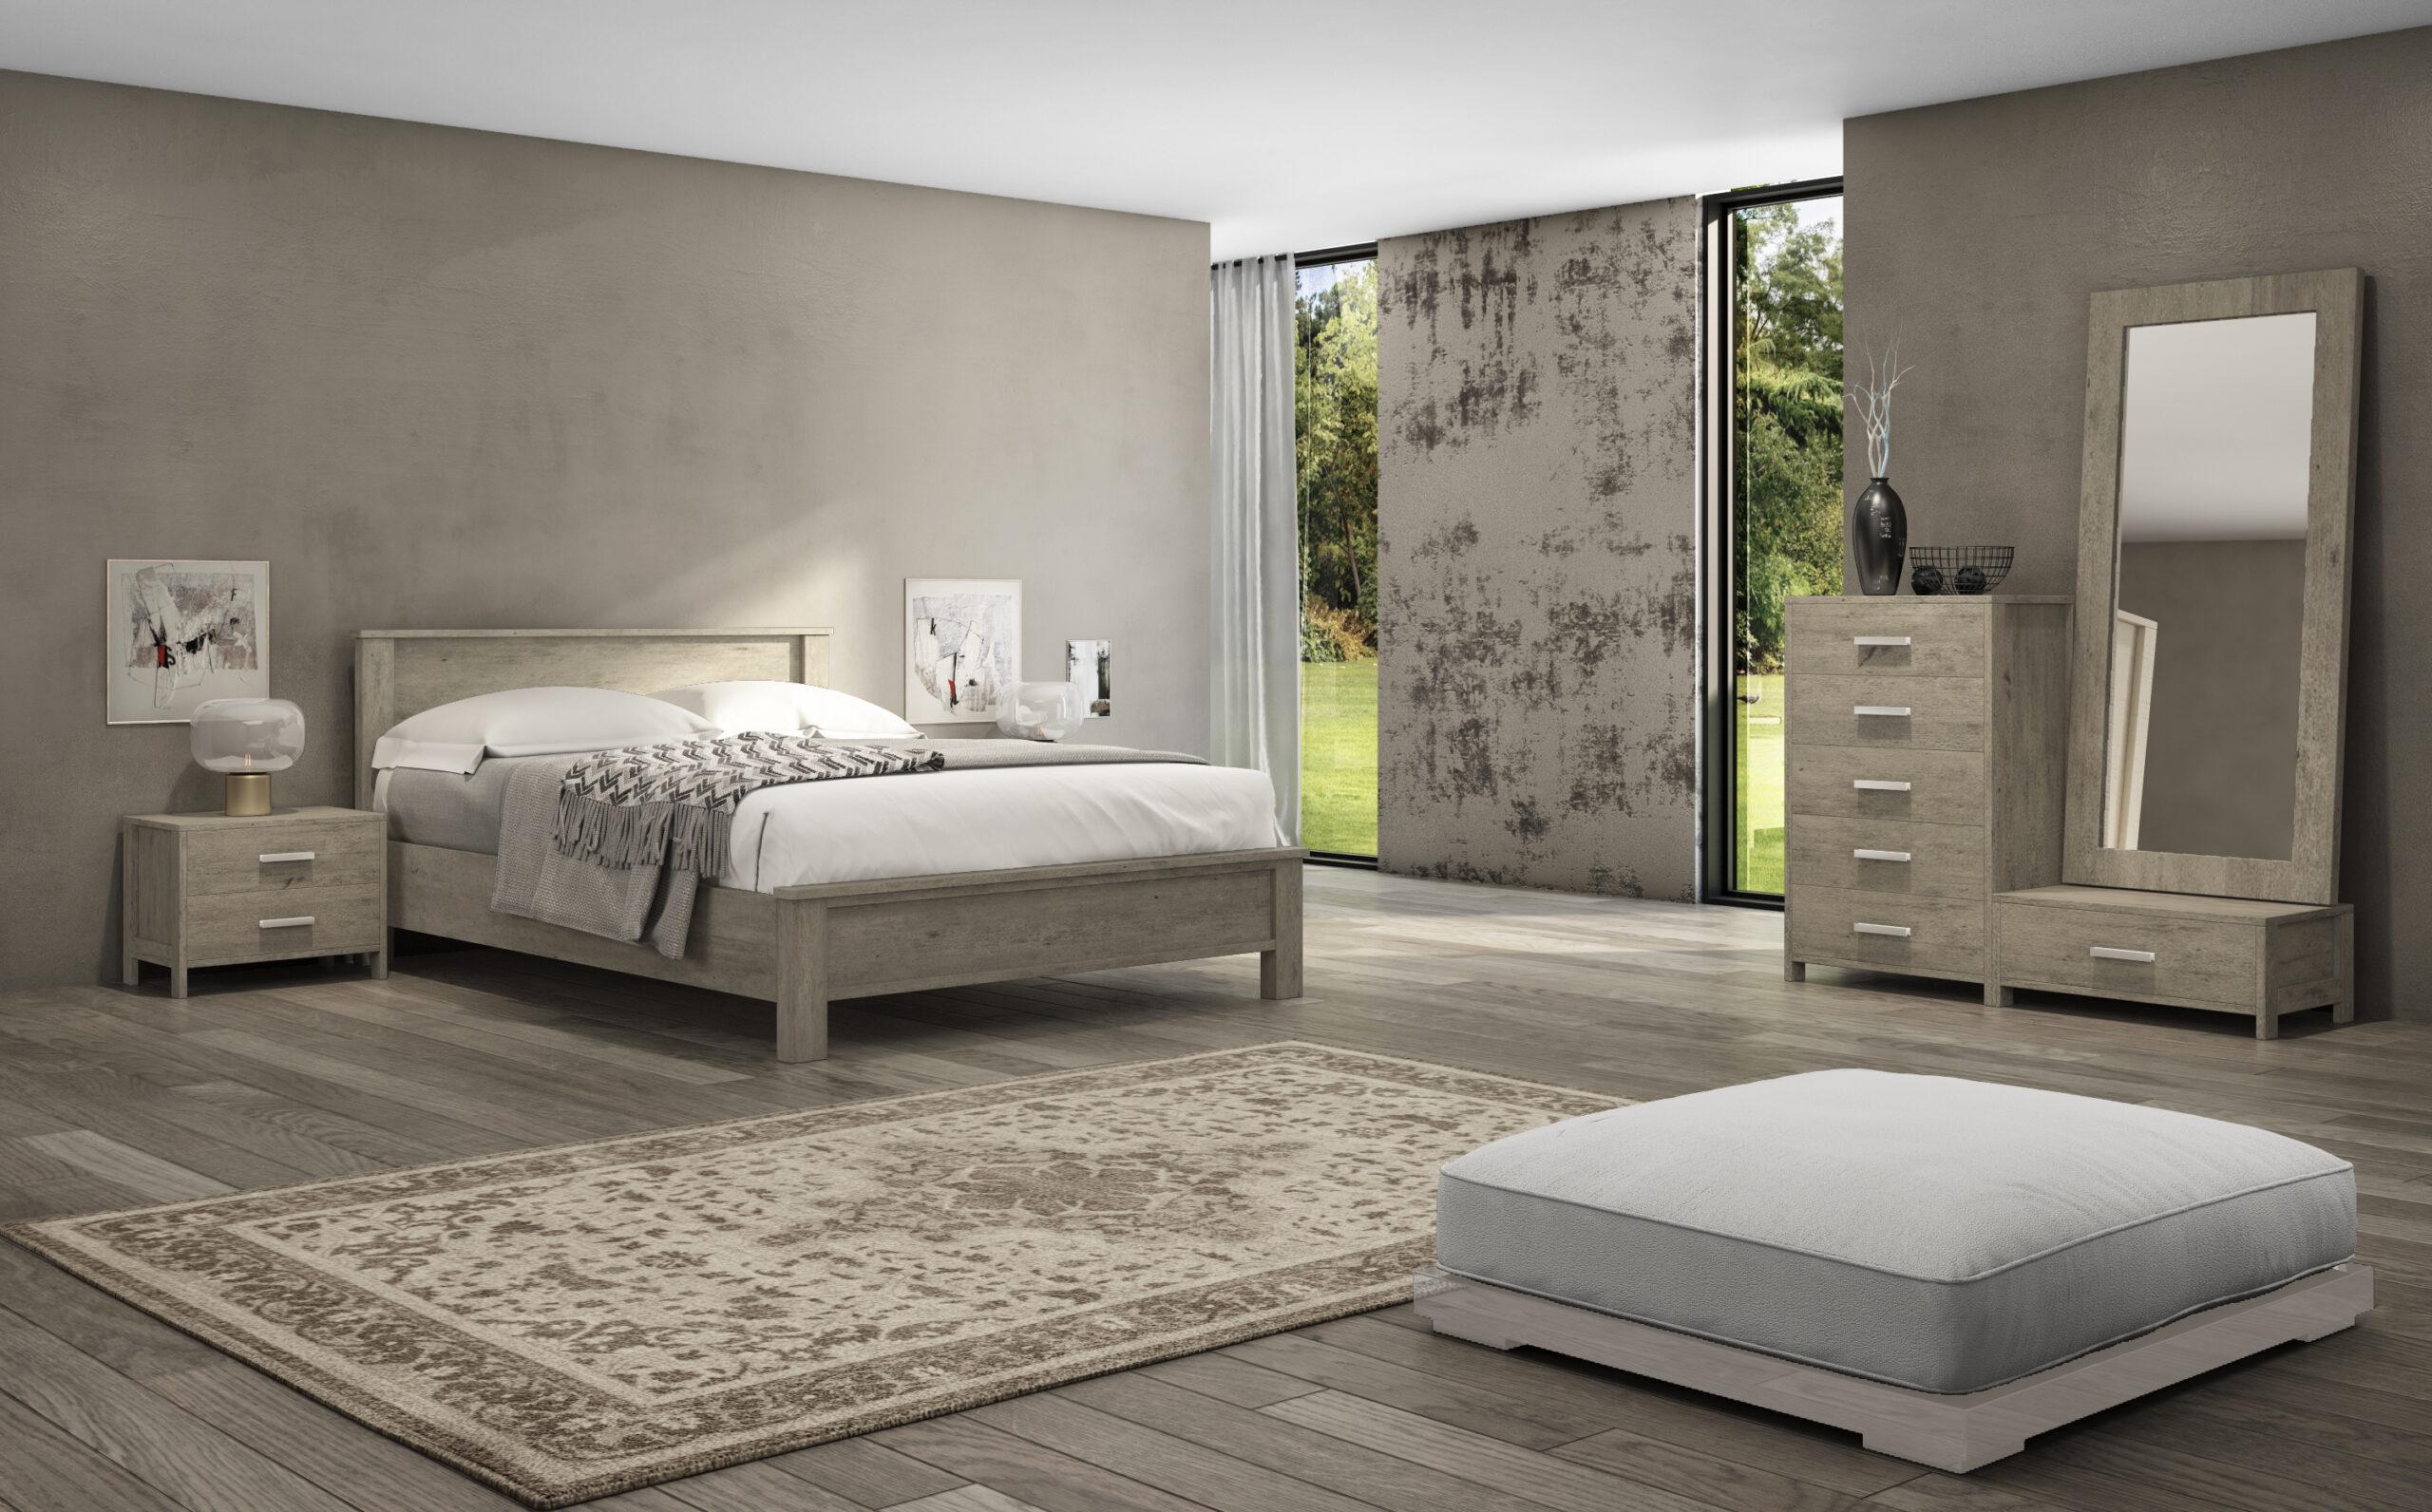 חדר שינה ונוס